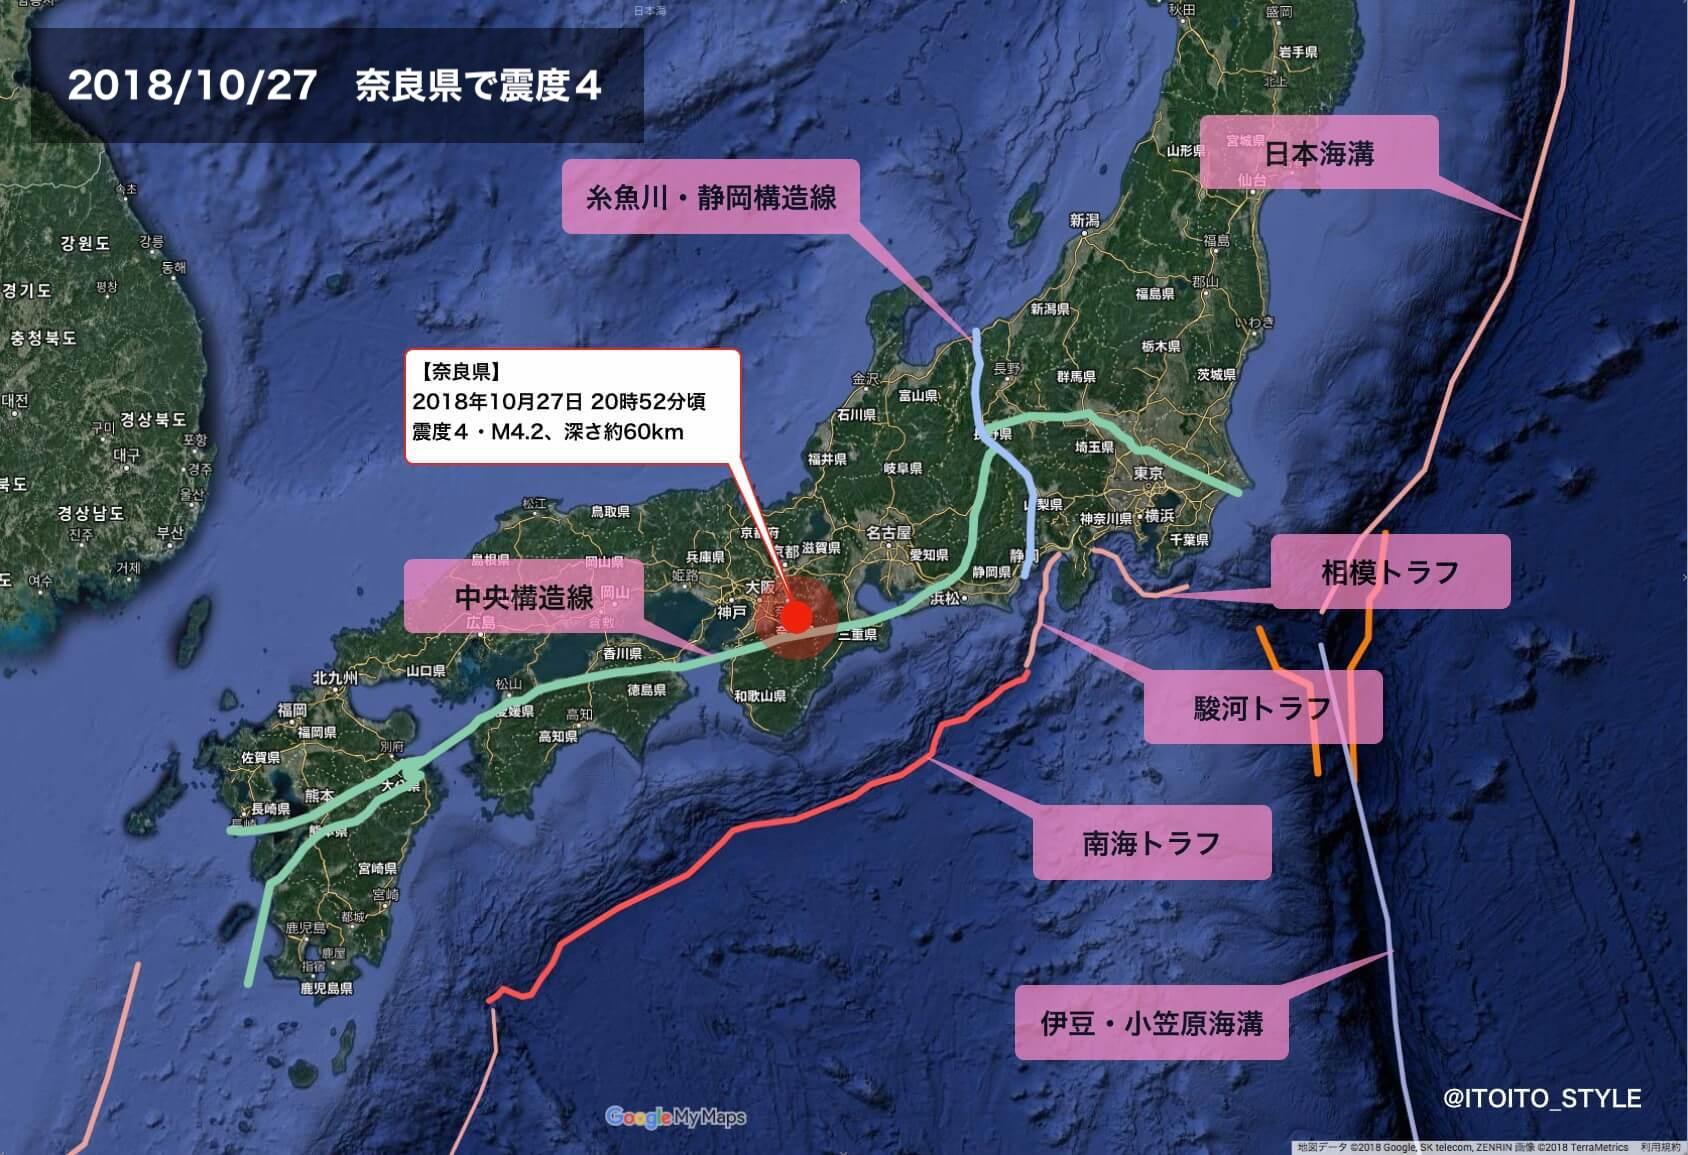 奈良】奈良県での地震は中央構造線と合致(2018/10/27)   itoito.style